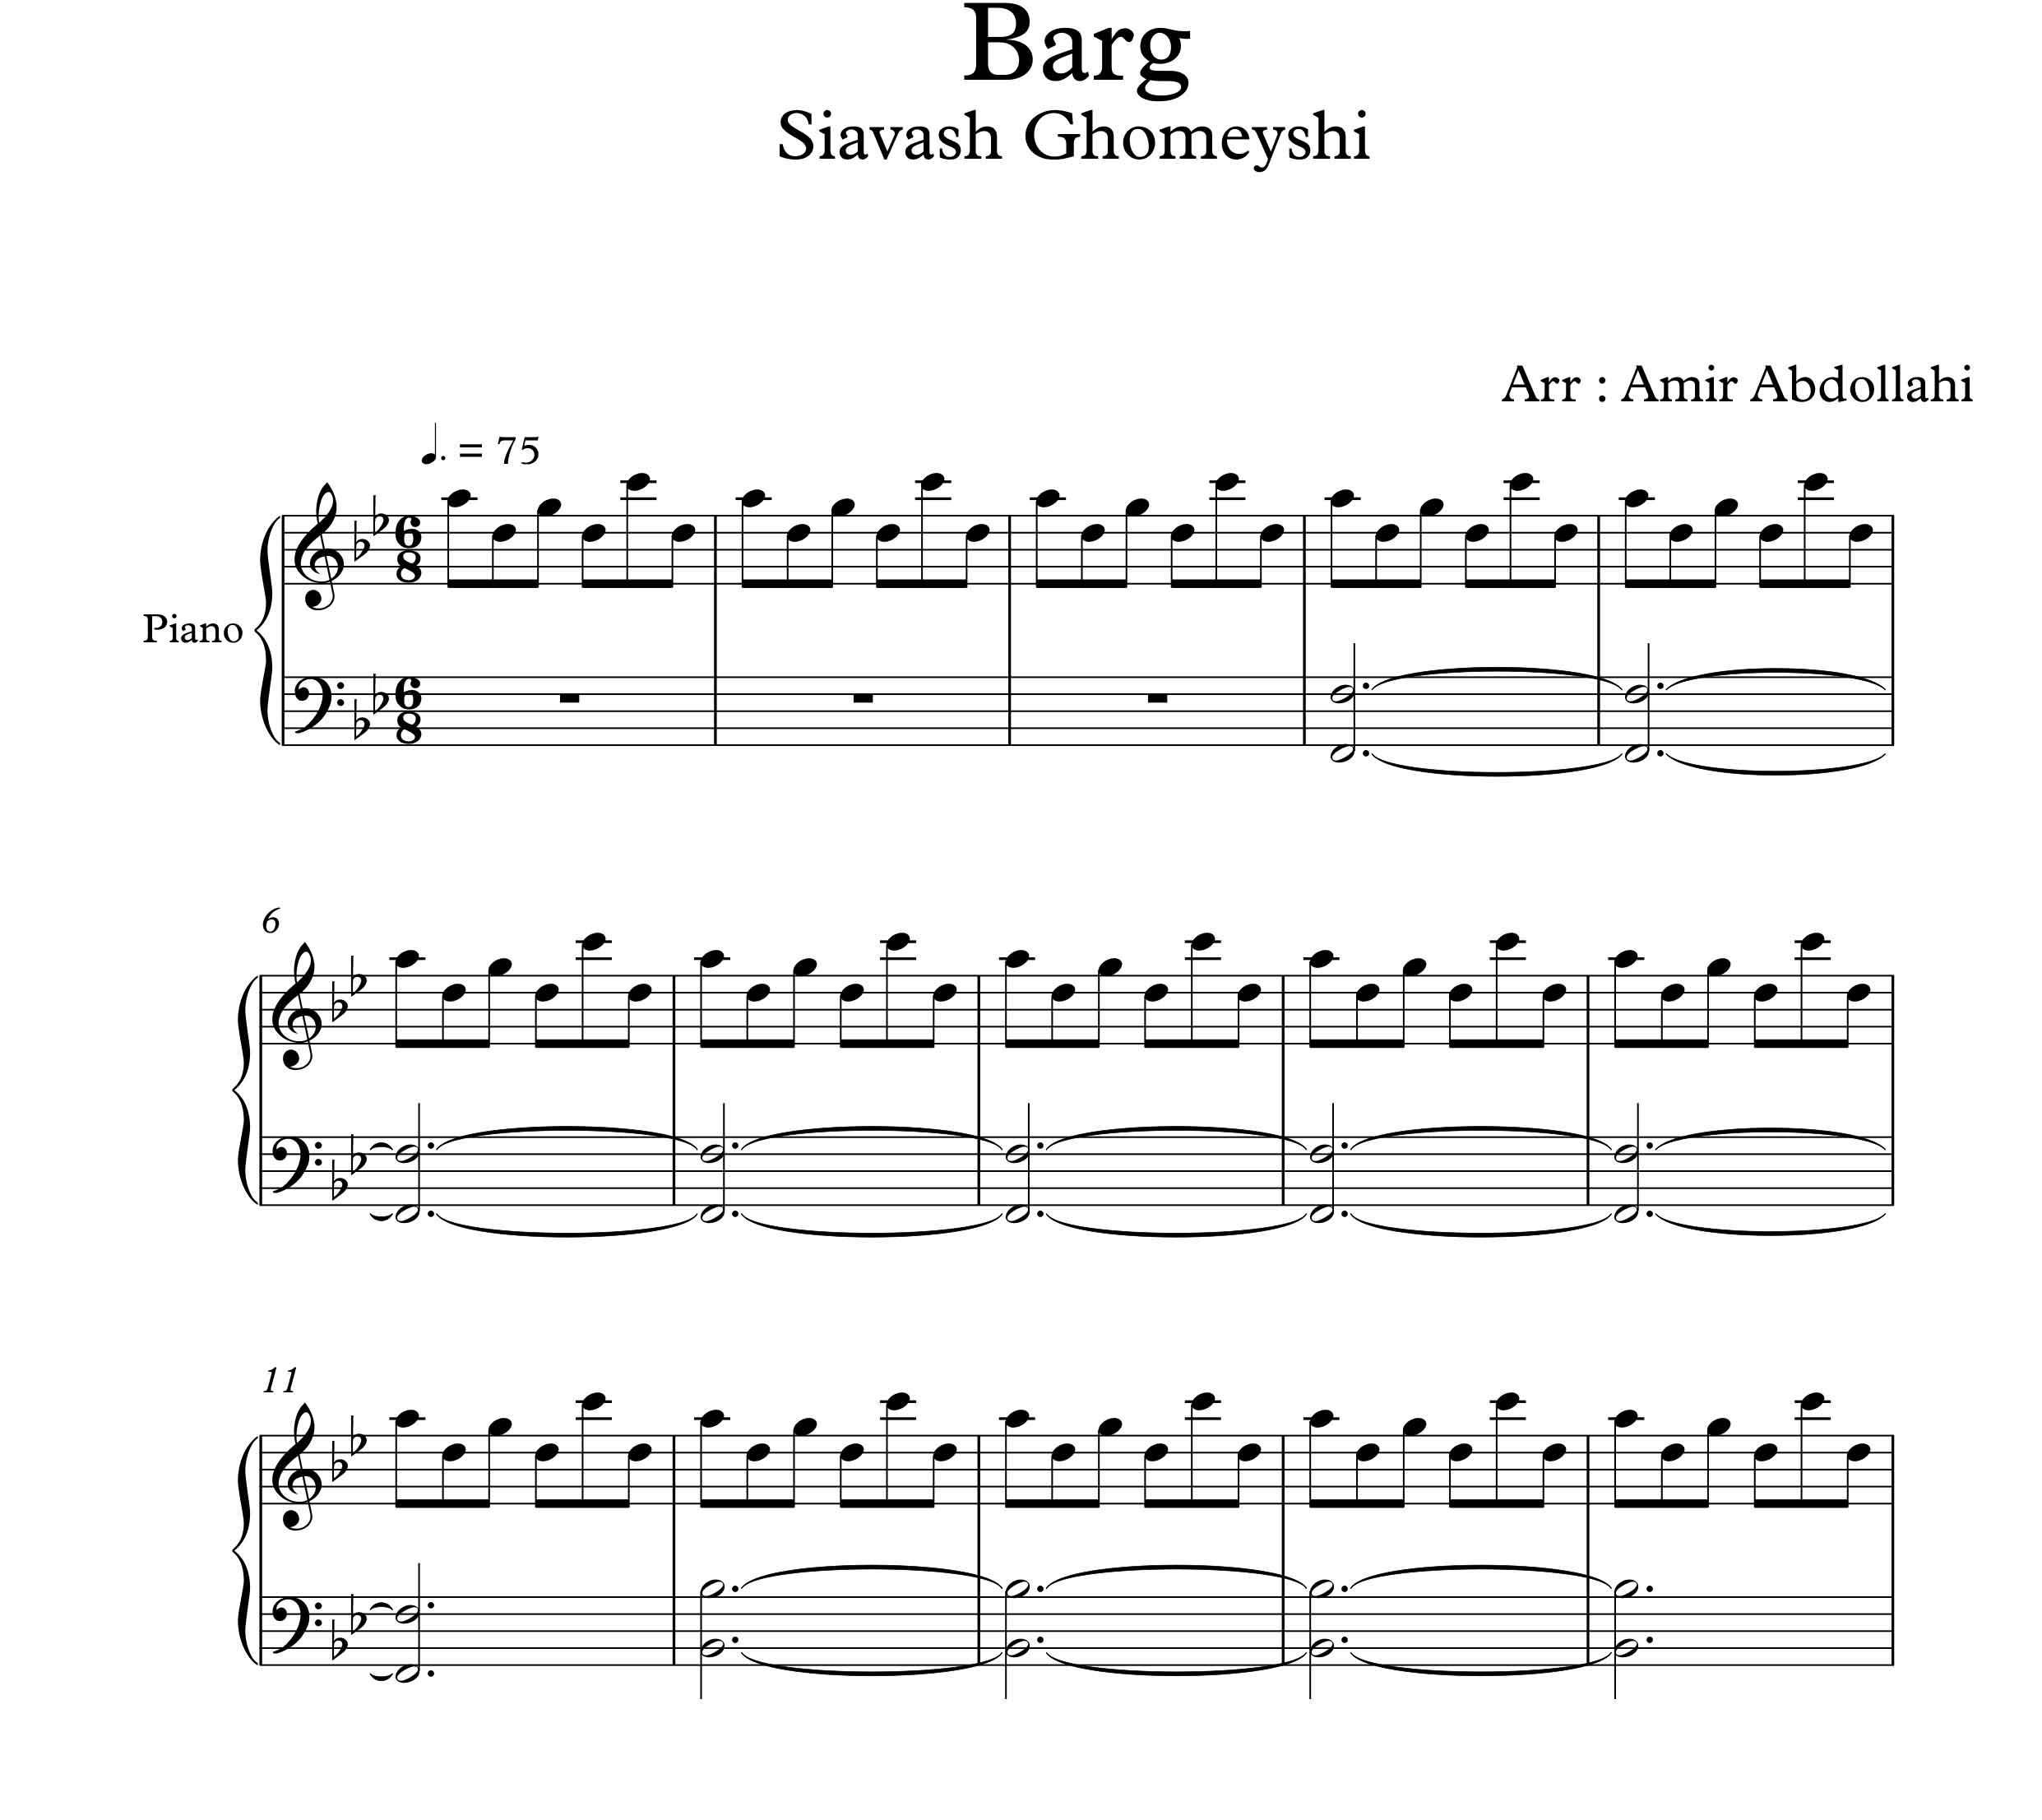 نت پیانوی آهنگ برگ از سیاوش قمیشی